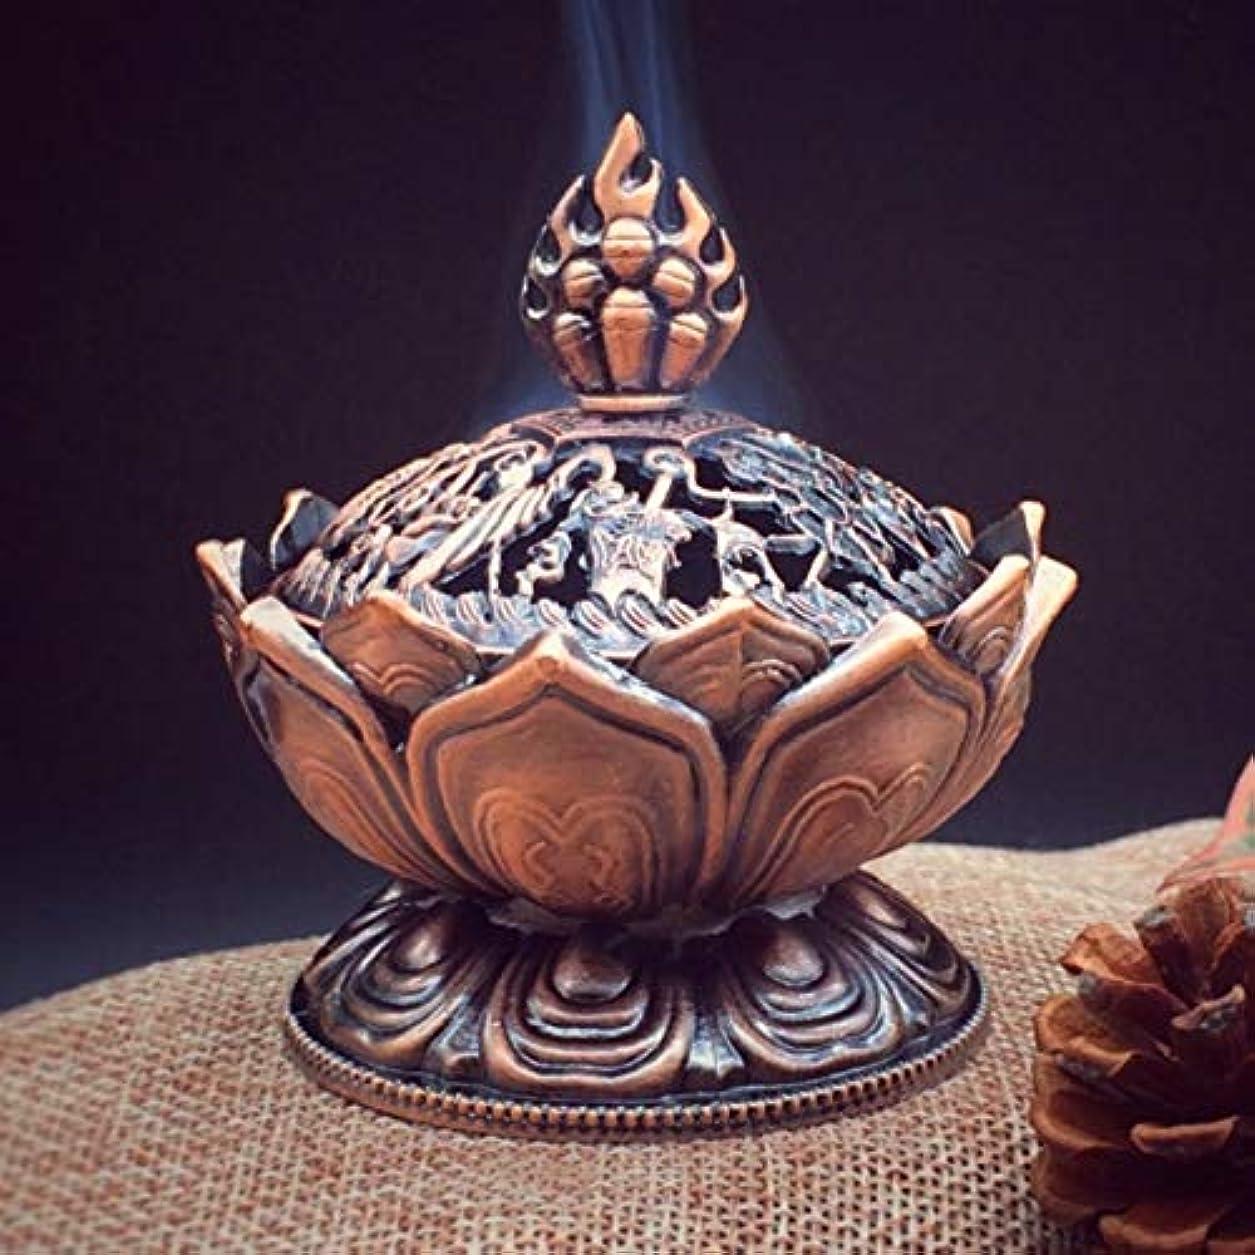 免疫遡るアクロバットHoly Tibetan Lotus Designed Incense Burner Zinc Alloy Bronze Mini Incense Burner Incensory Metal Craft Home Decor